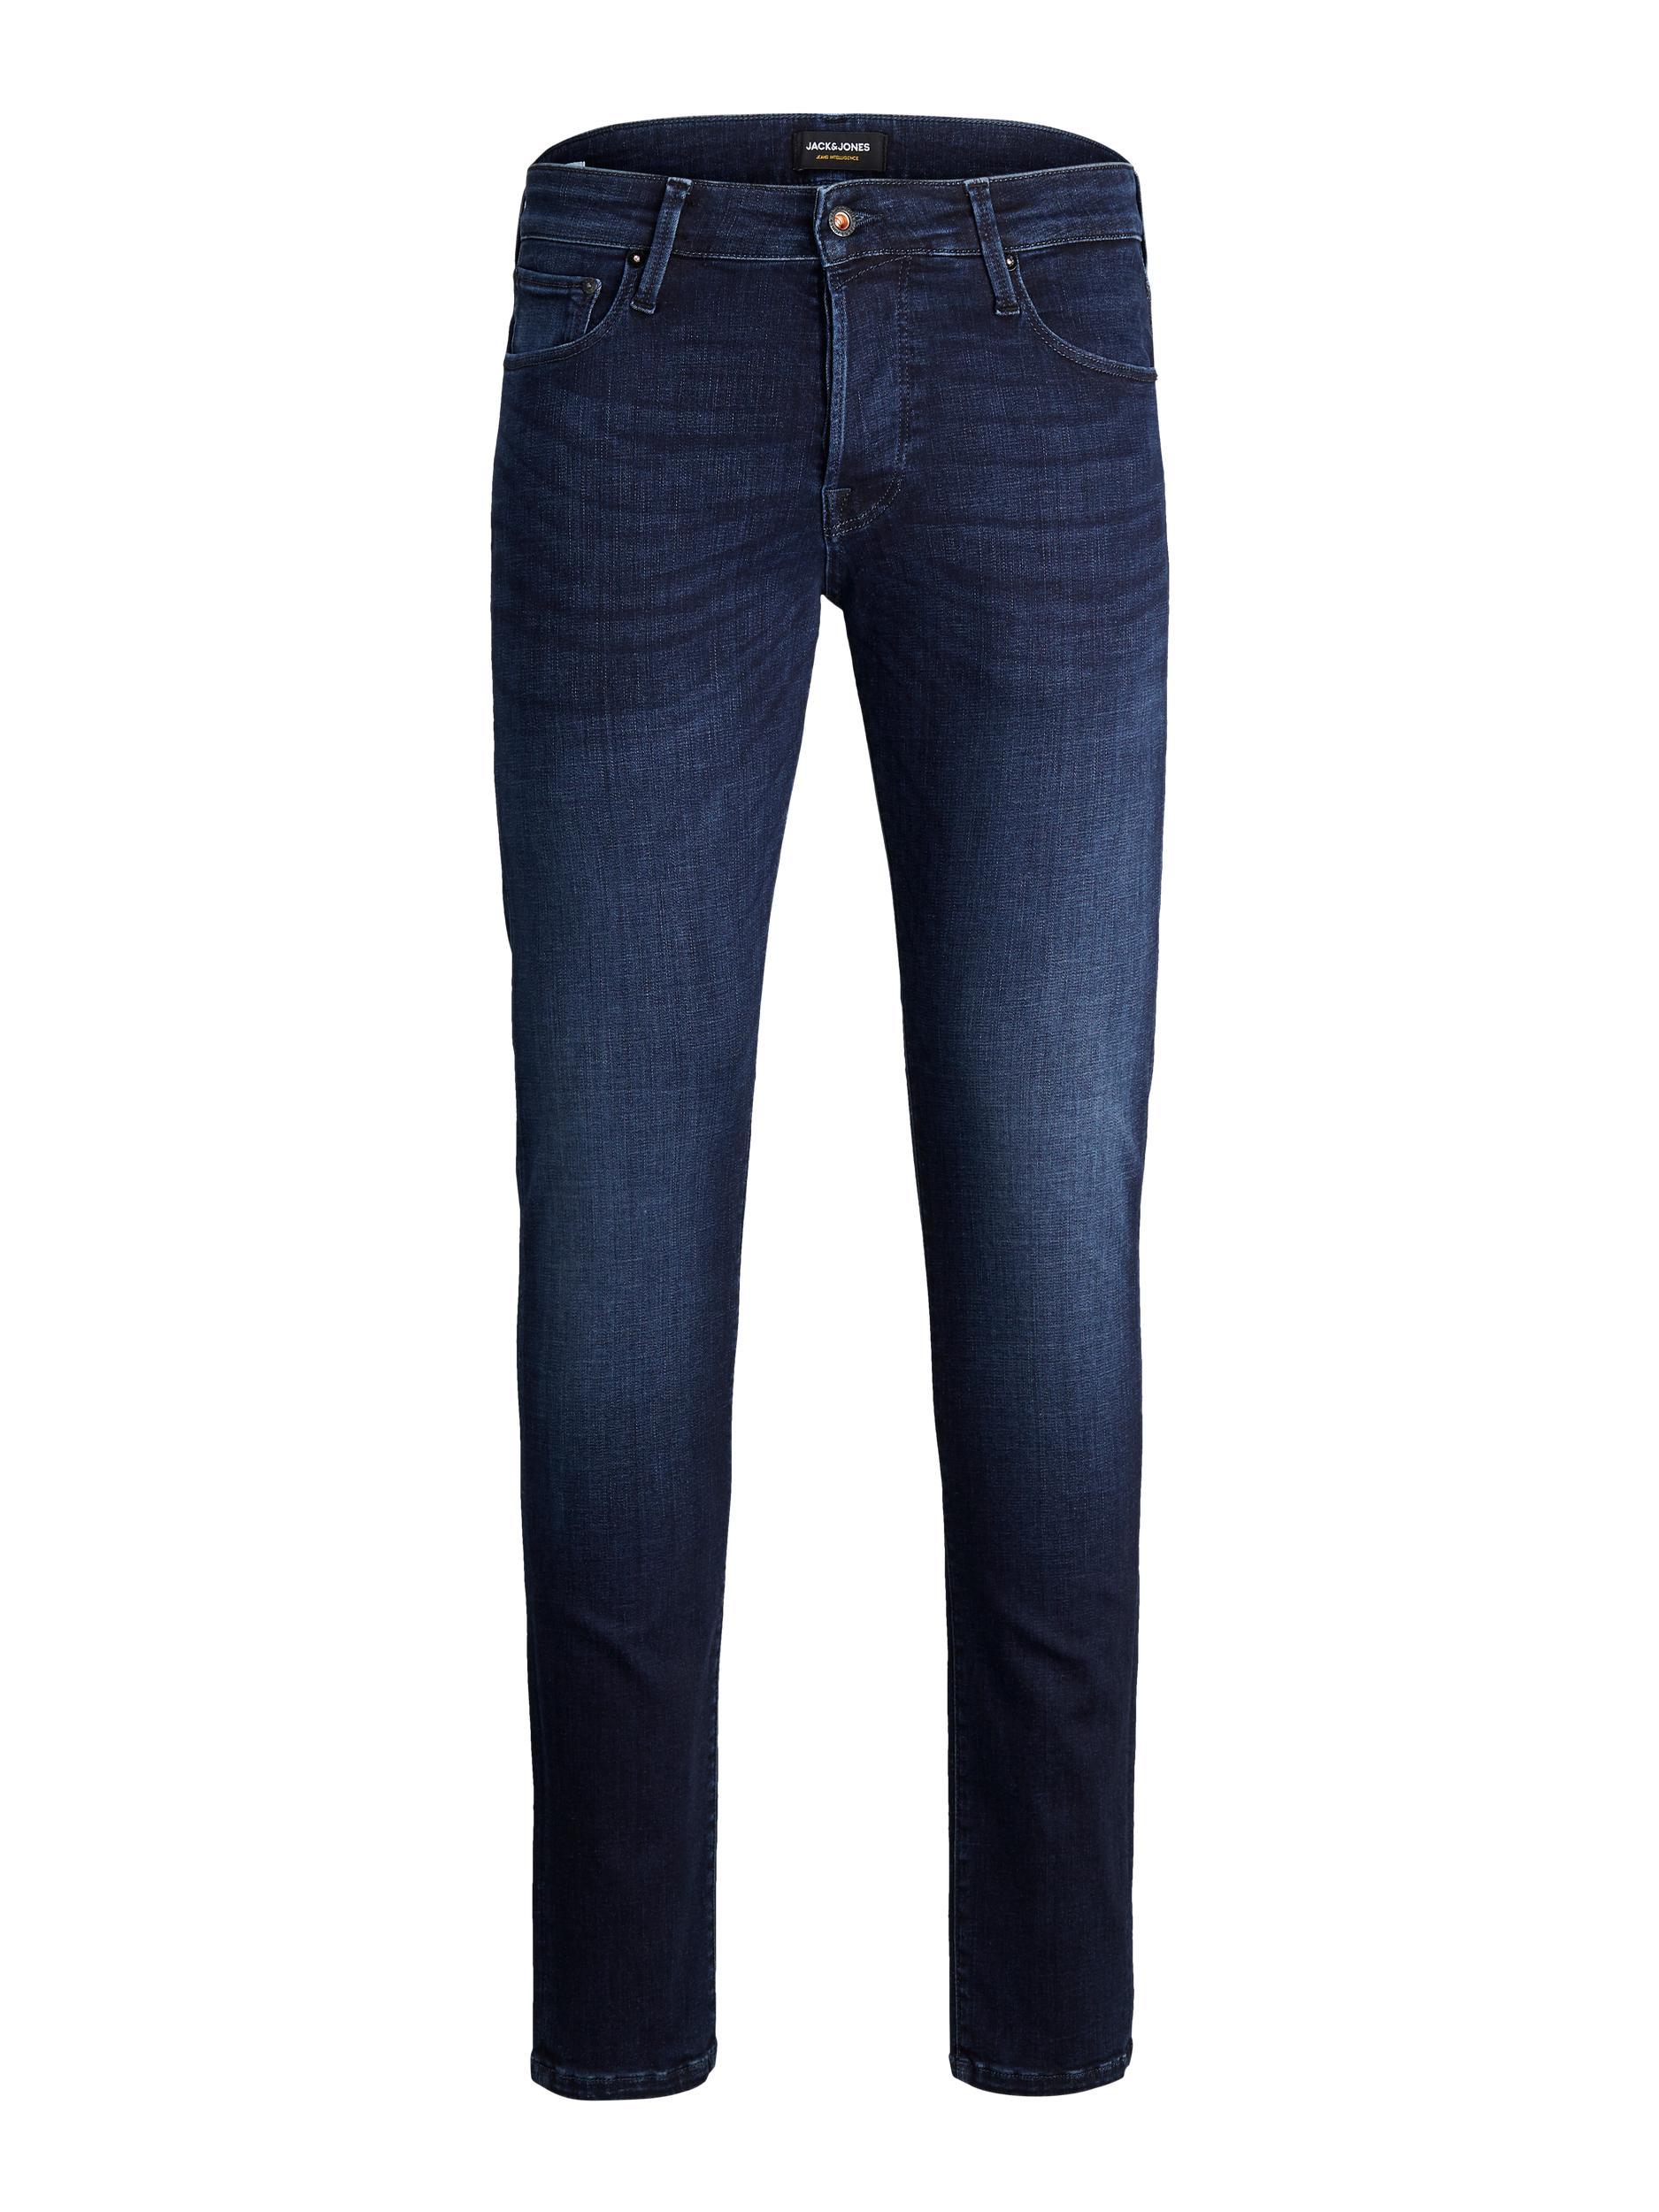 Jack & Jones Glenn jeans, blue denim, 27/32